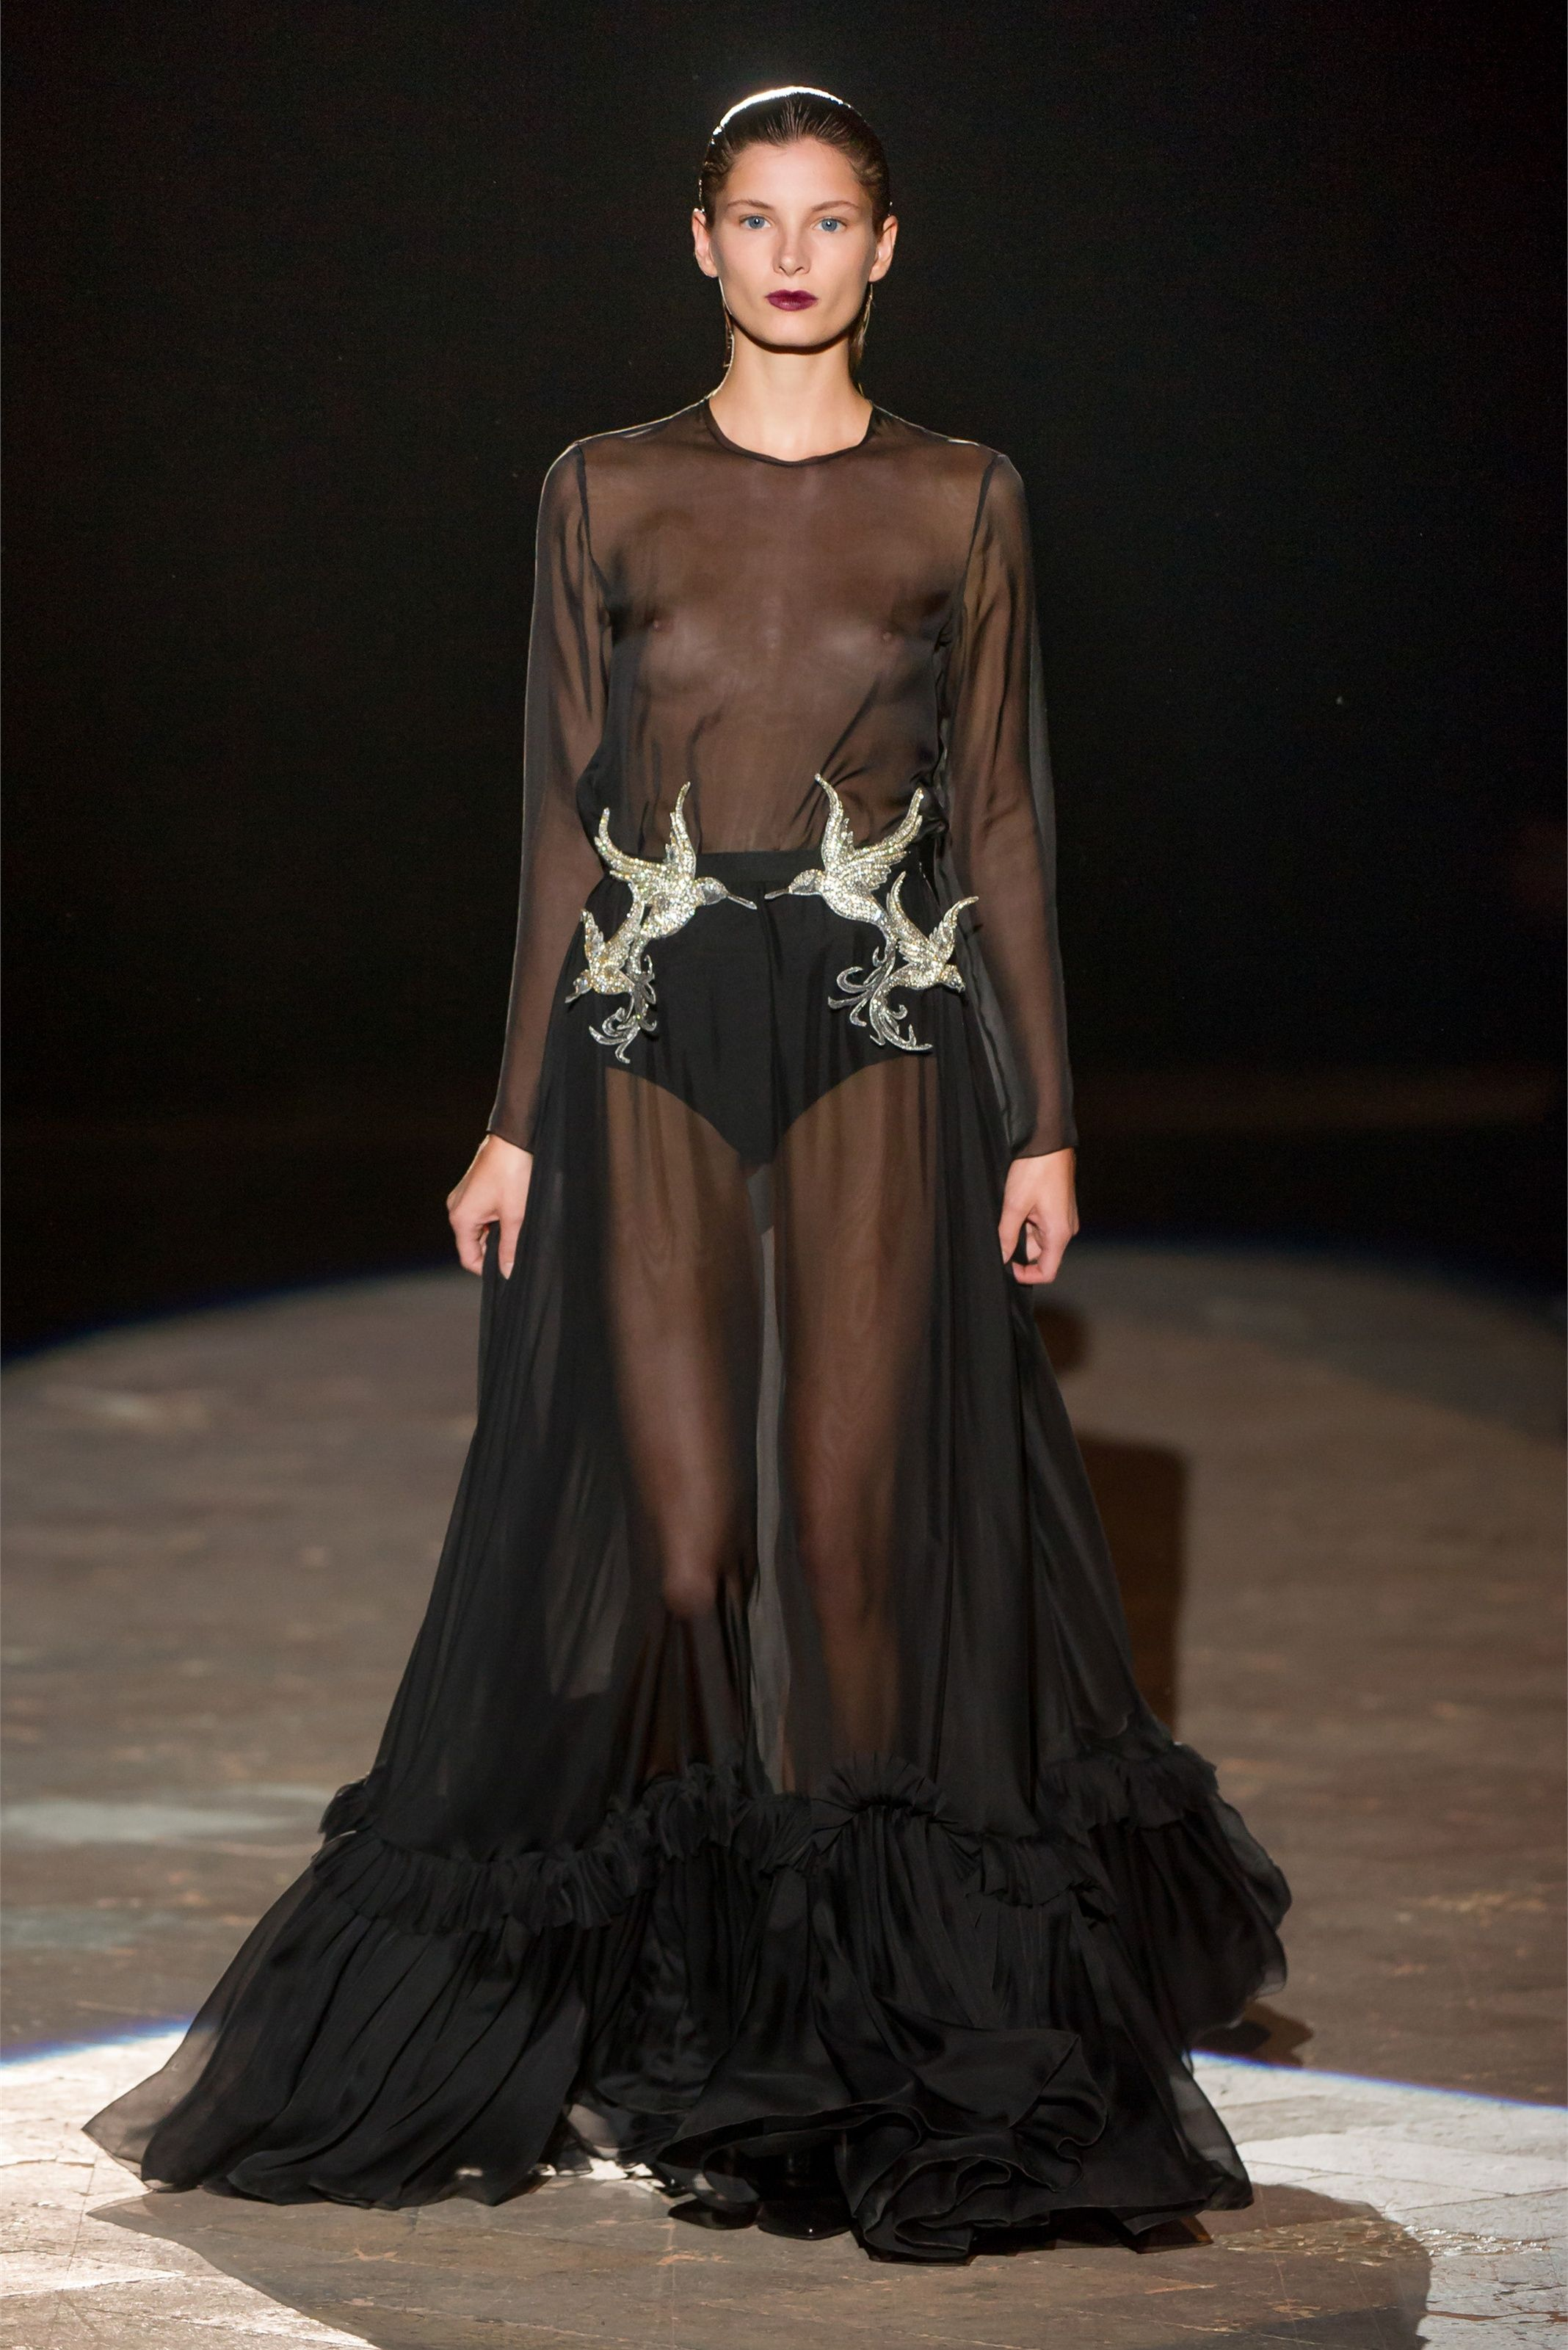 Sfilata Francesco Scognamiglio Milano - Collezioni Primavera Estate 2013 -  Vogue 77299e7758b